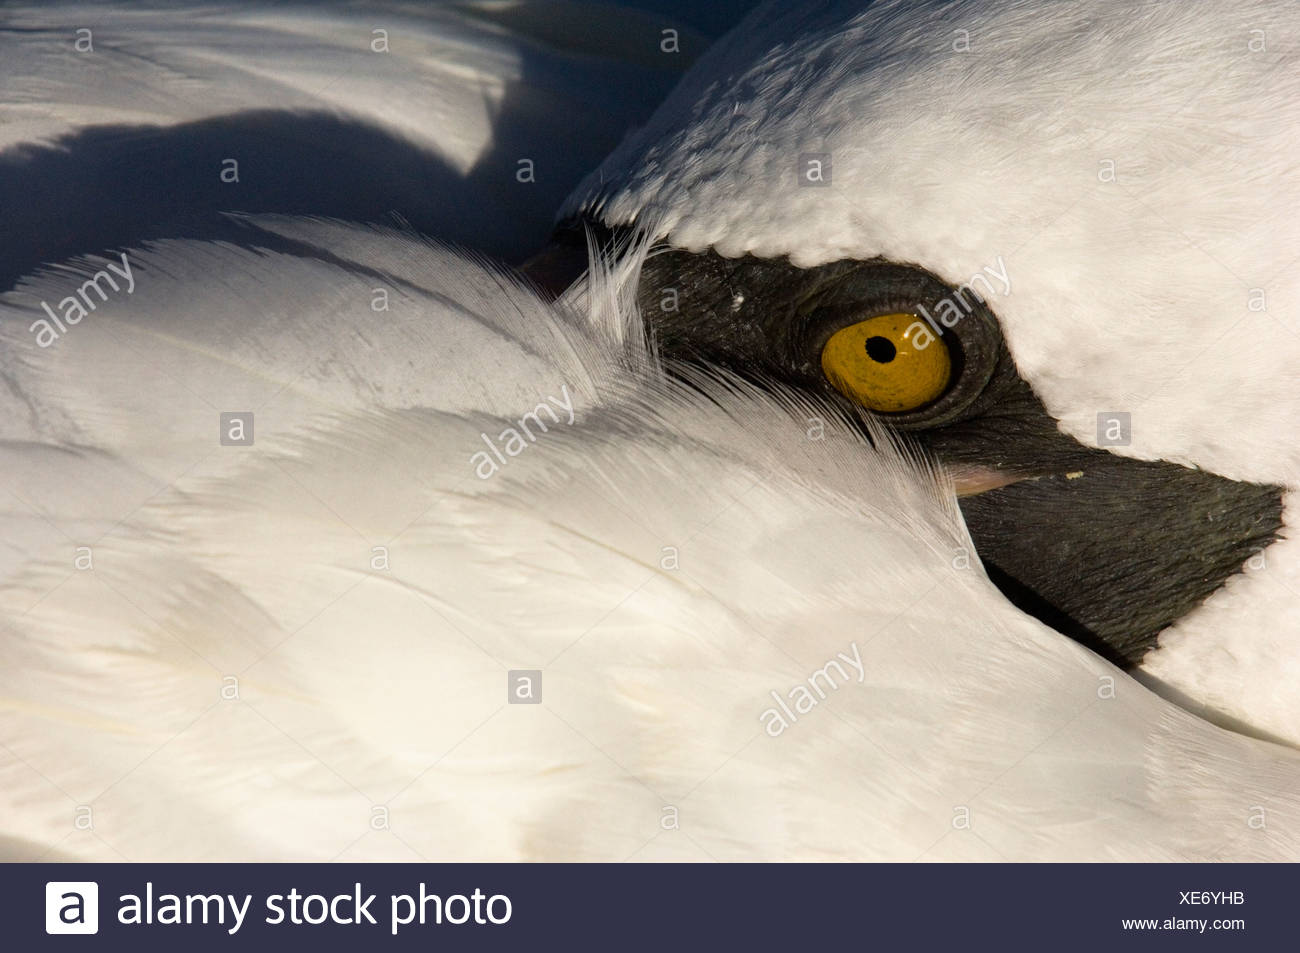 Nazca Booby (formerly Masked booby), Punto Cevallos, Espanola (Hood) Island, Galapagos Islands, Ecuador, South America. Stock Photo